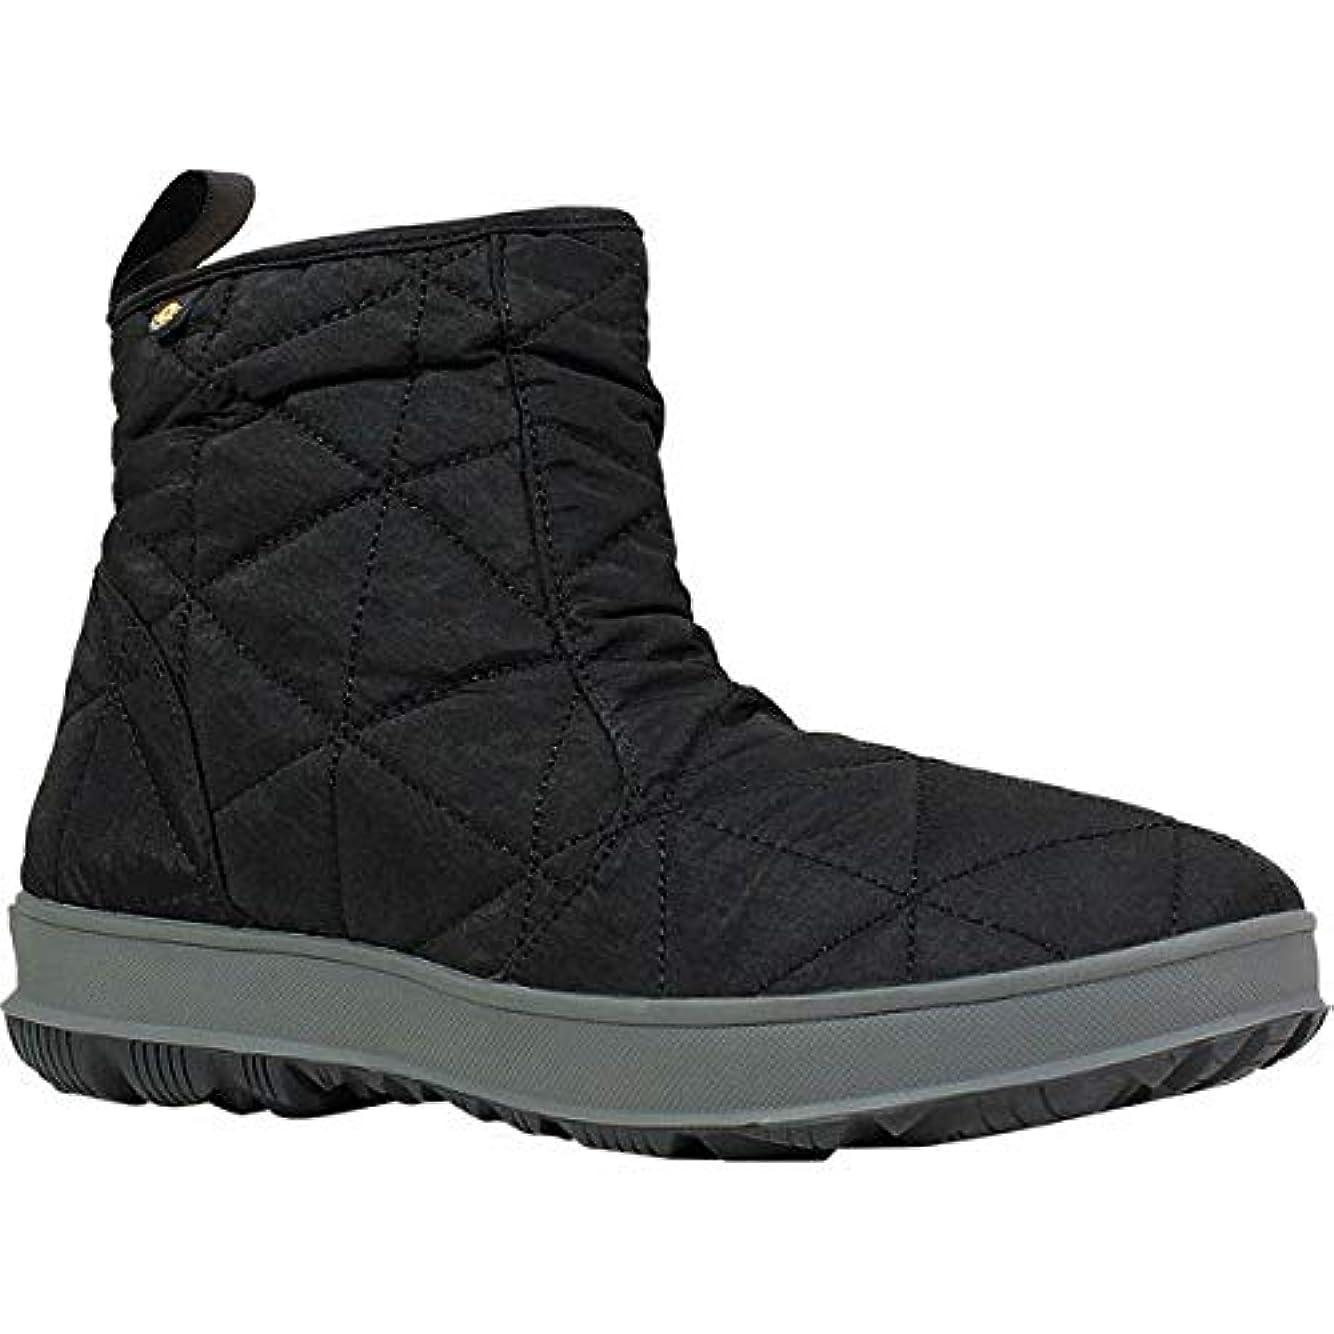 大聖堂シールドと遊ぶ[ボグス] レディース ブーツ&レインブーツ Snowday Low Boot [並行輸入品]